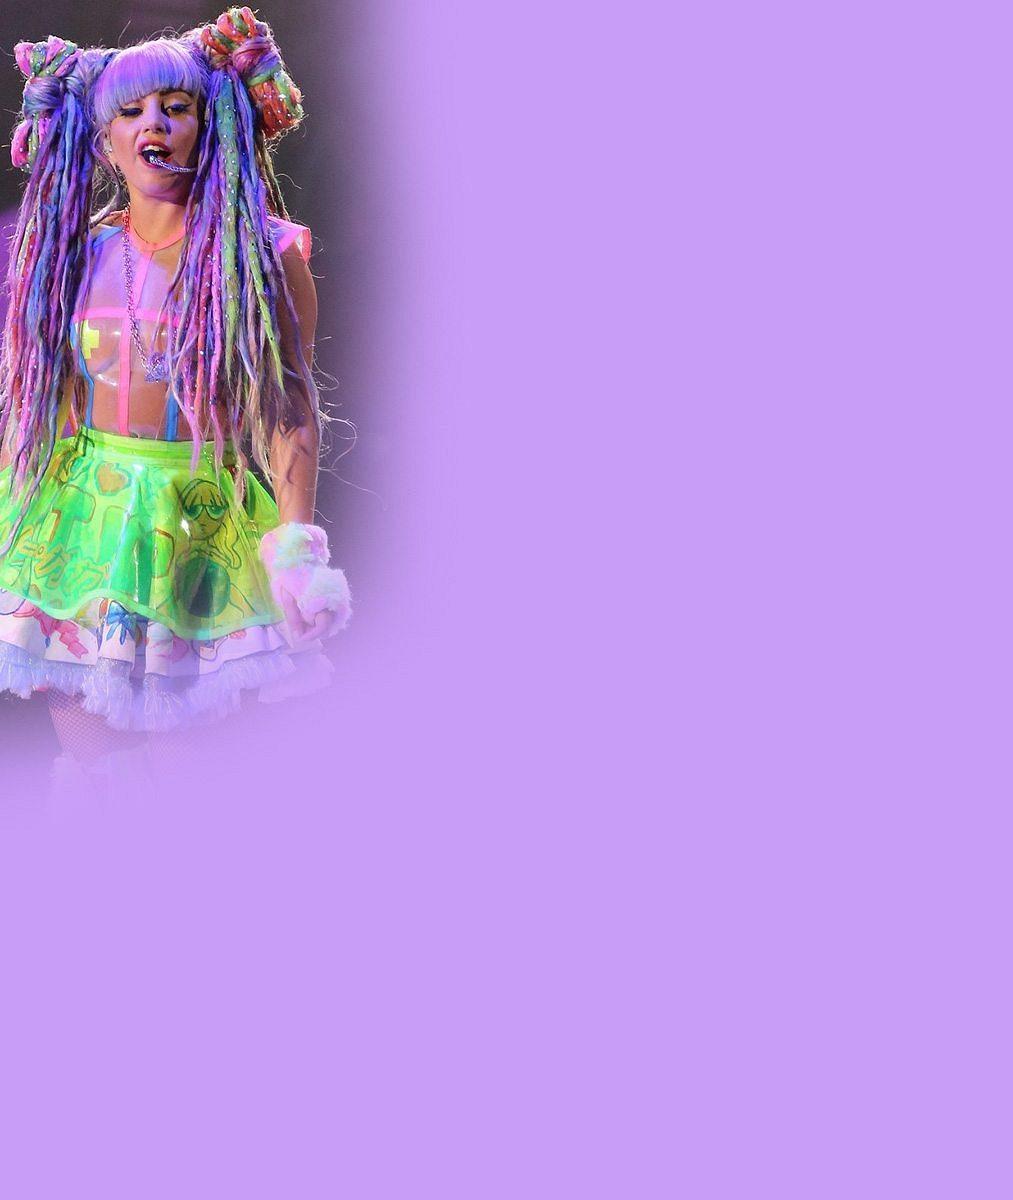 Lady Gaga si na šatnu nepotrpí: Při převlékání v zákulisí ukázala ňadra